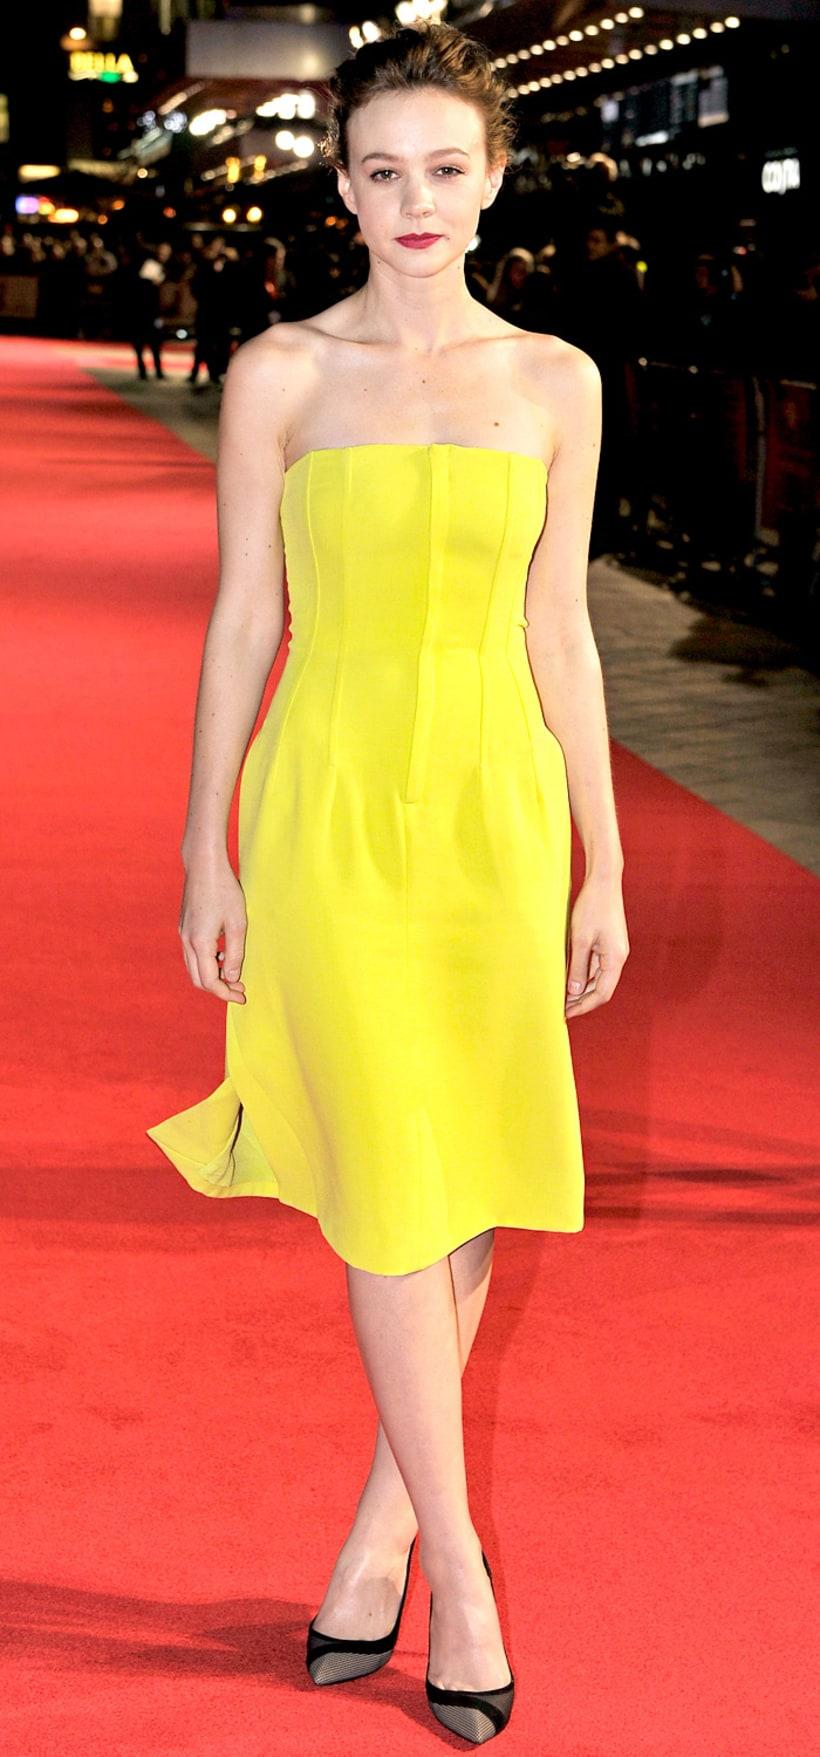 Carey Mulligan: Inside Llewyn Davis premiere at 57th BFI ...